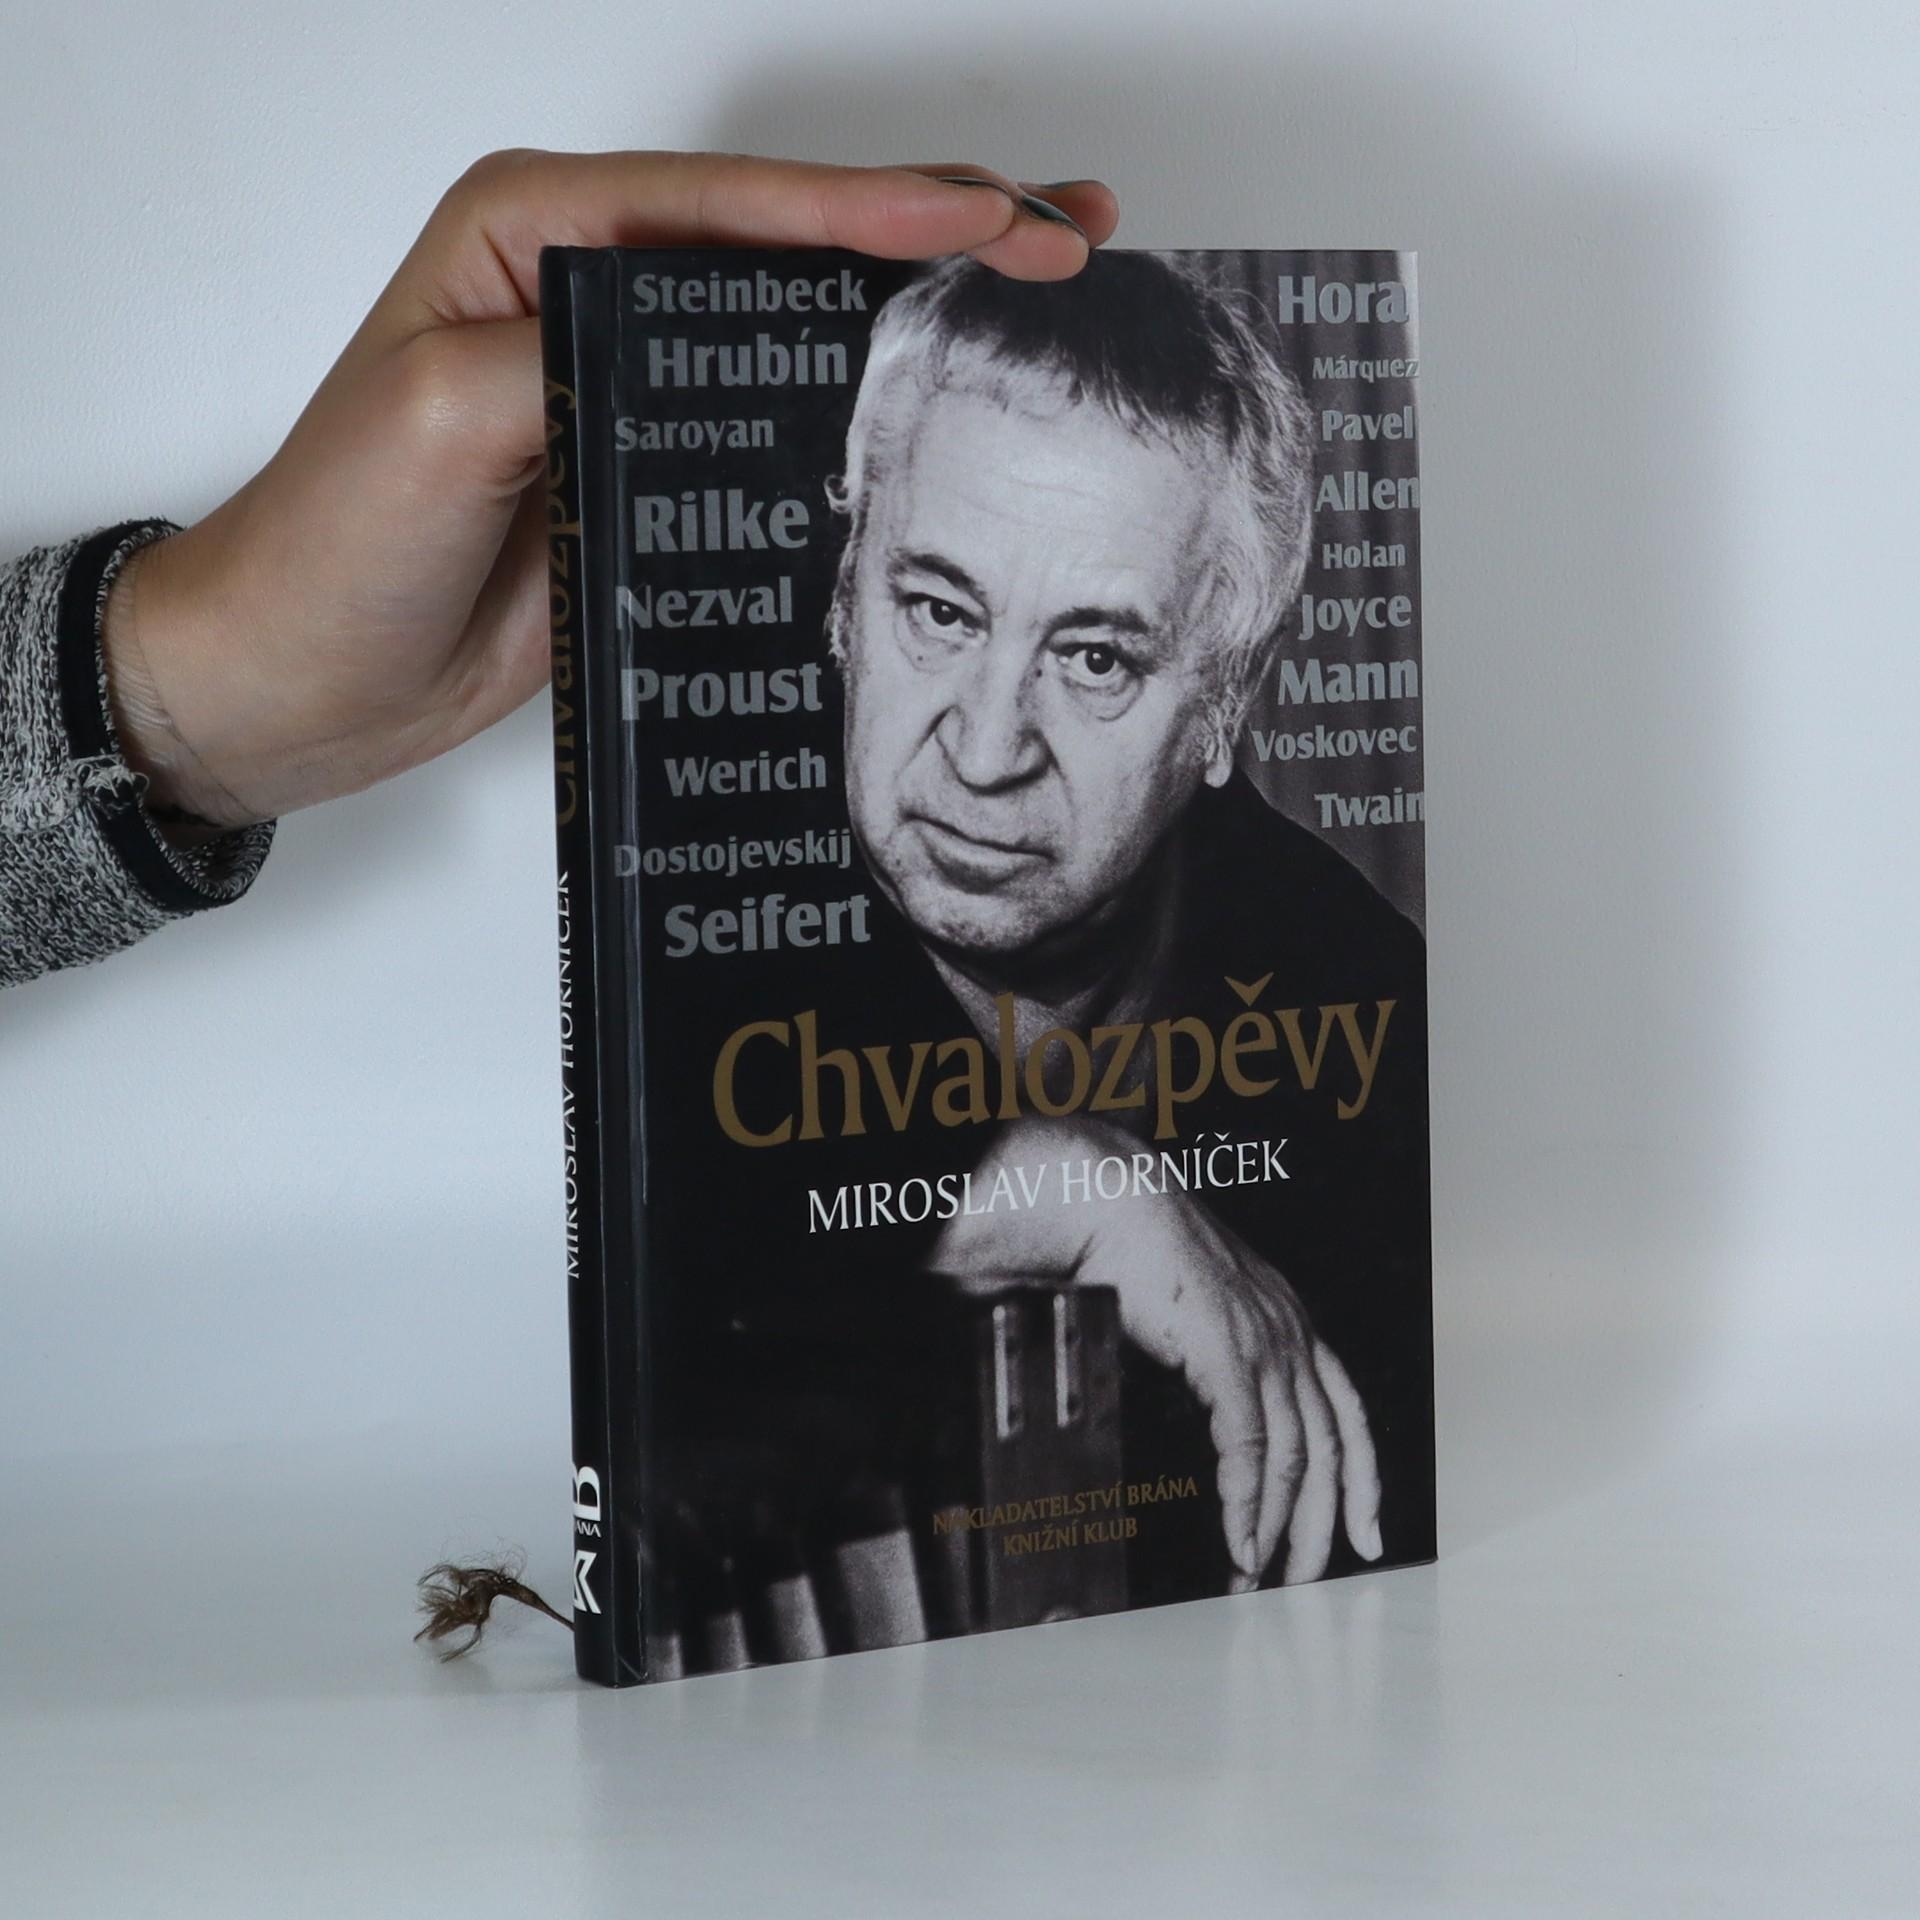 antikvární kniha Chvalozpěvy, 2001